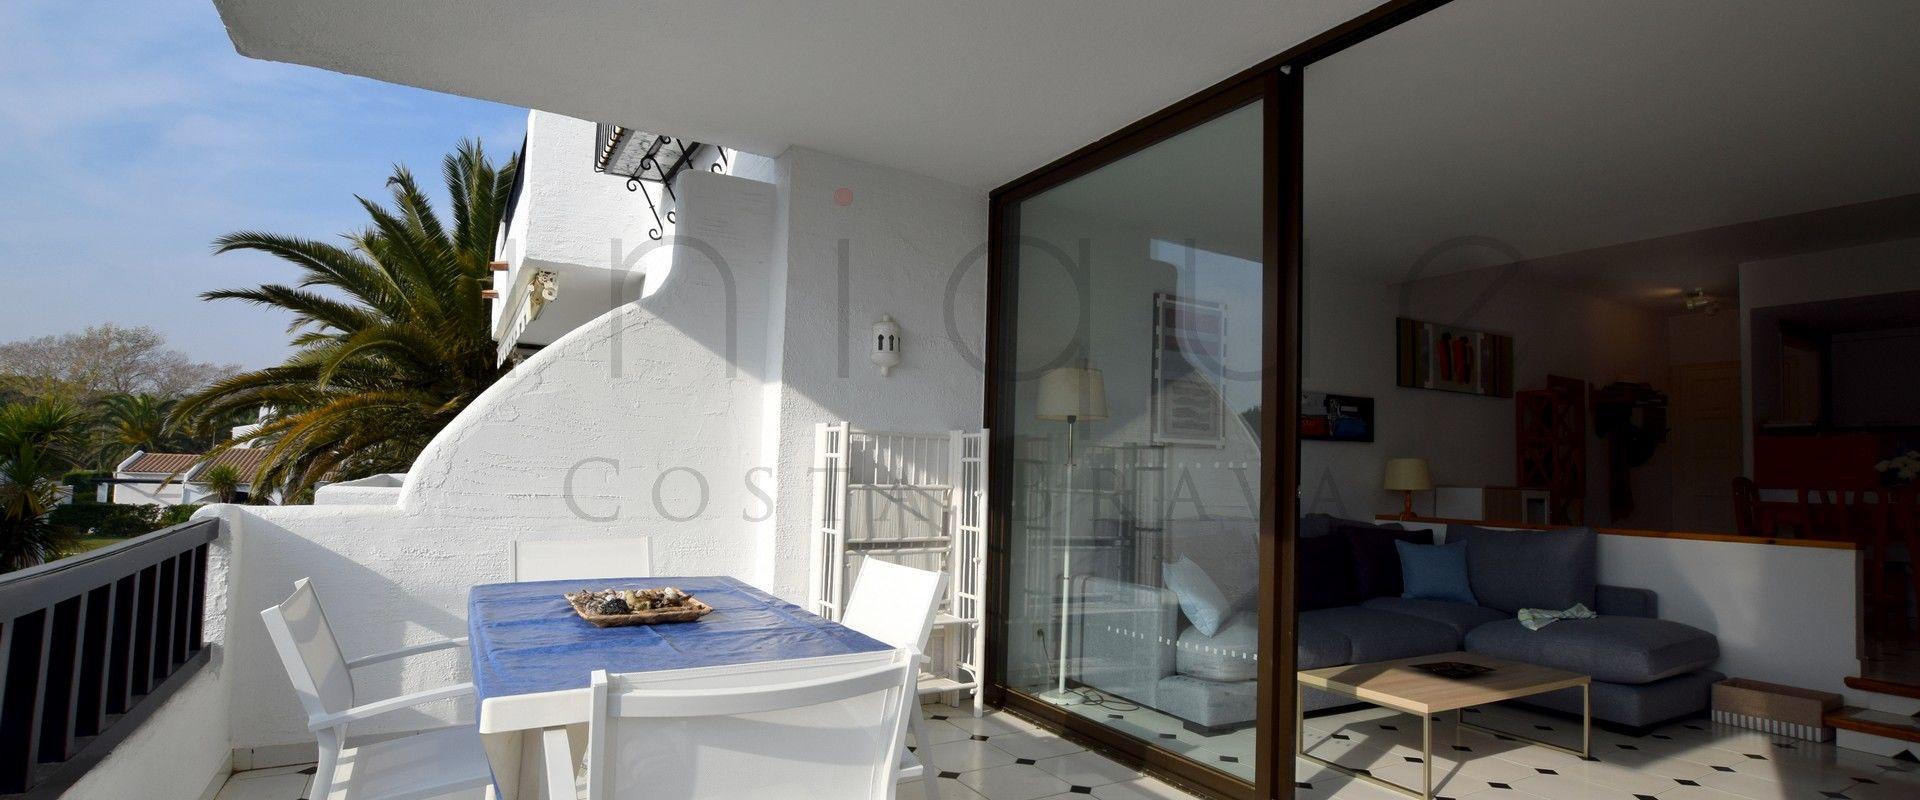 Appartement lumineux avec piscine communautaire 50 for Piscine 50 metres